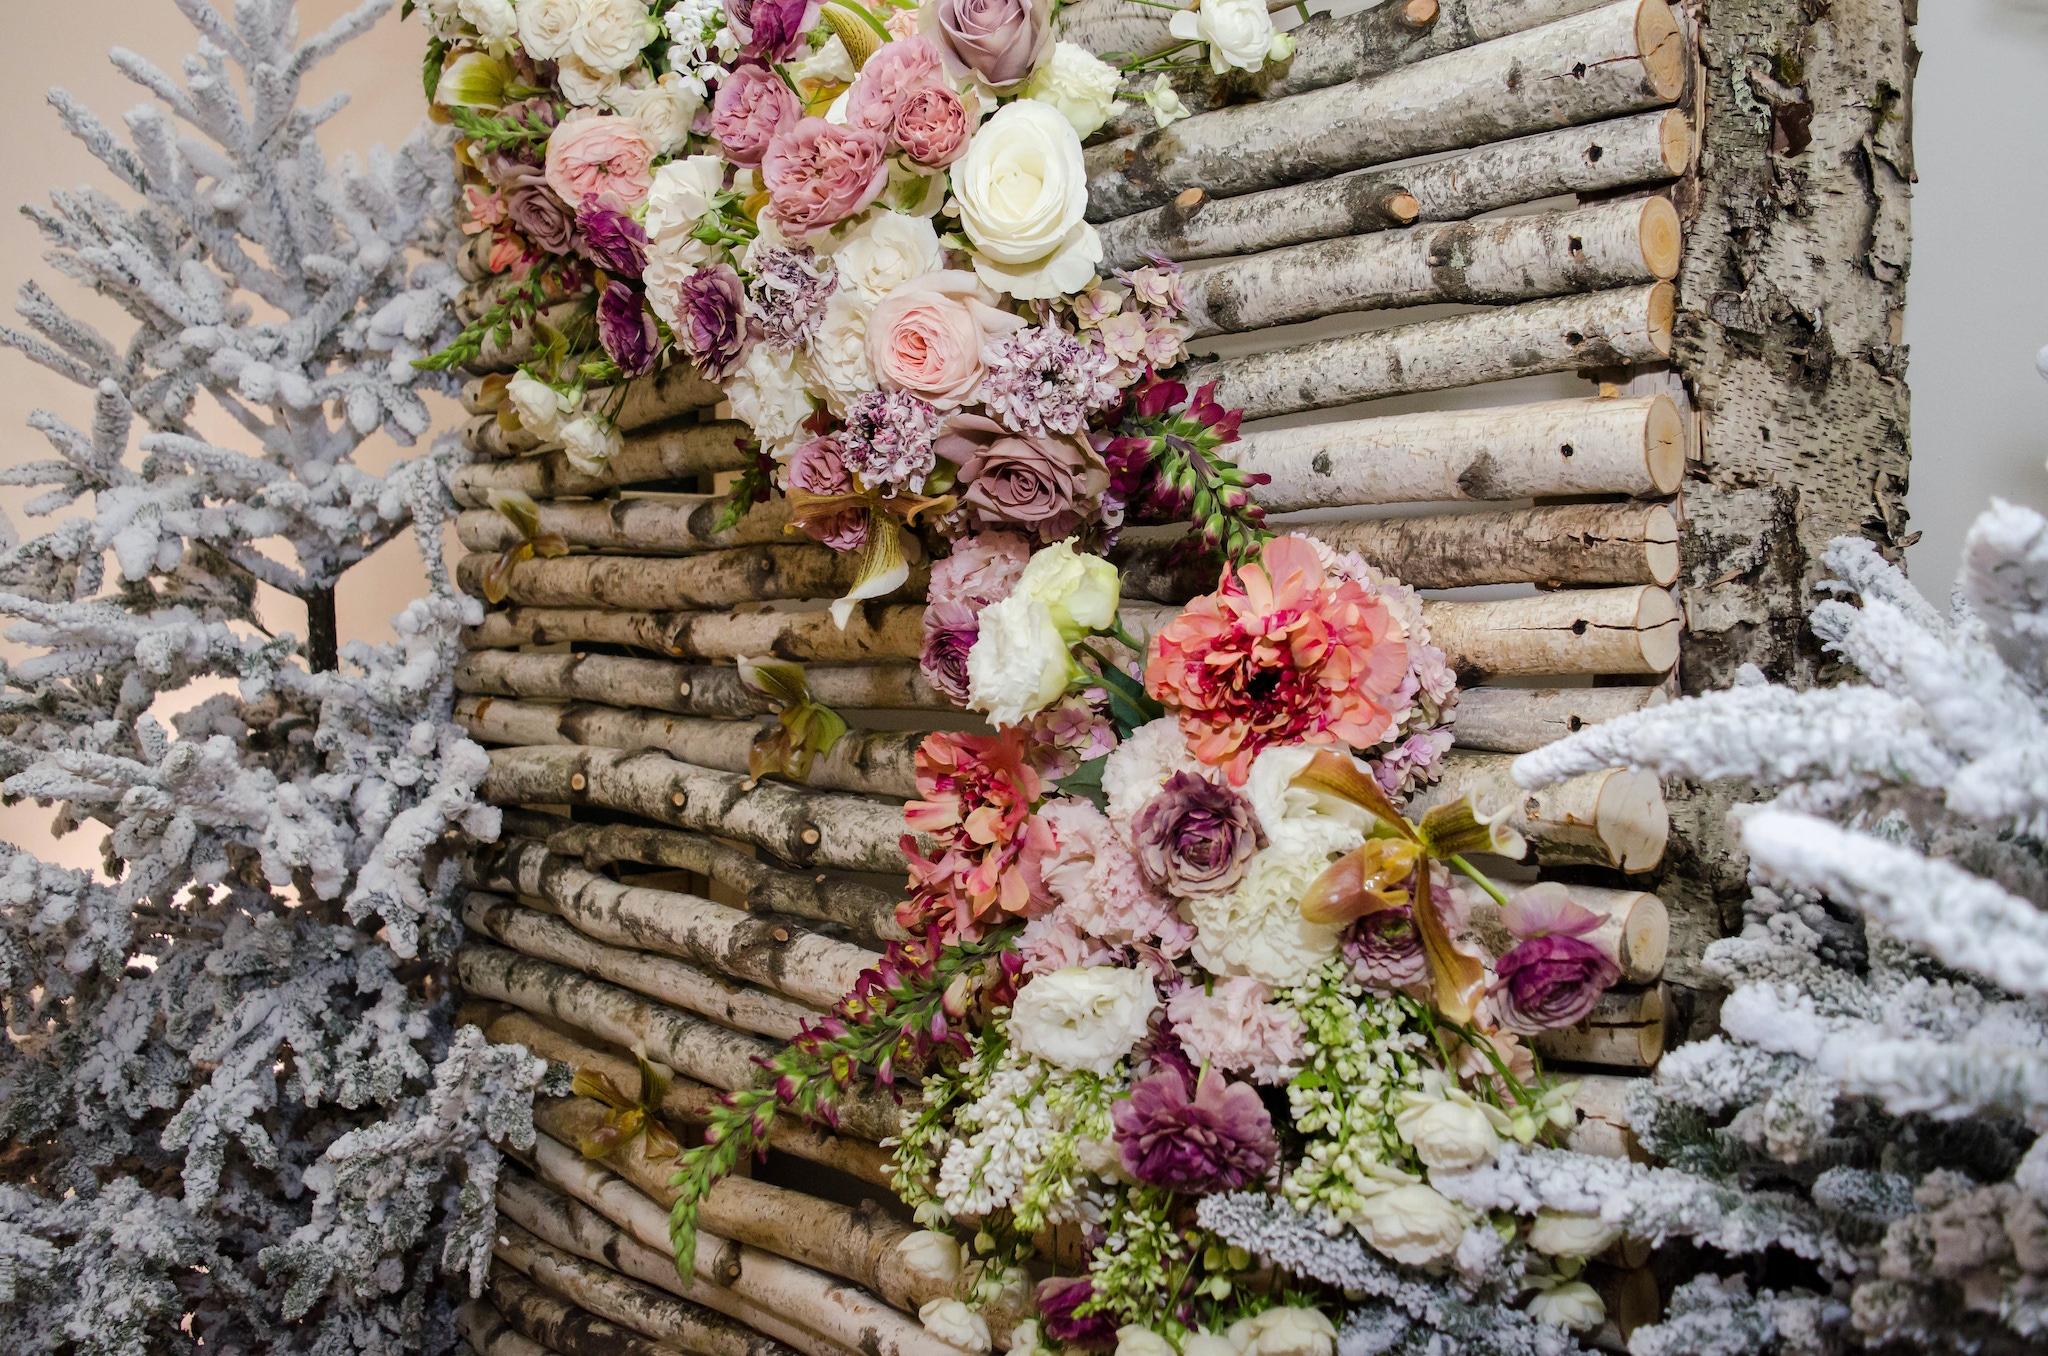 nyc event designer - B Floral